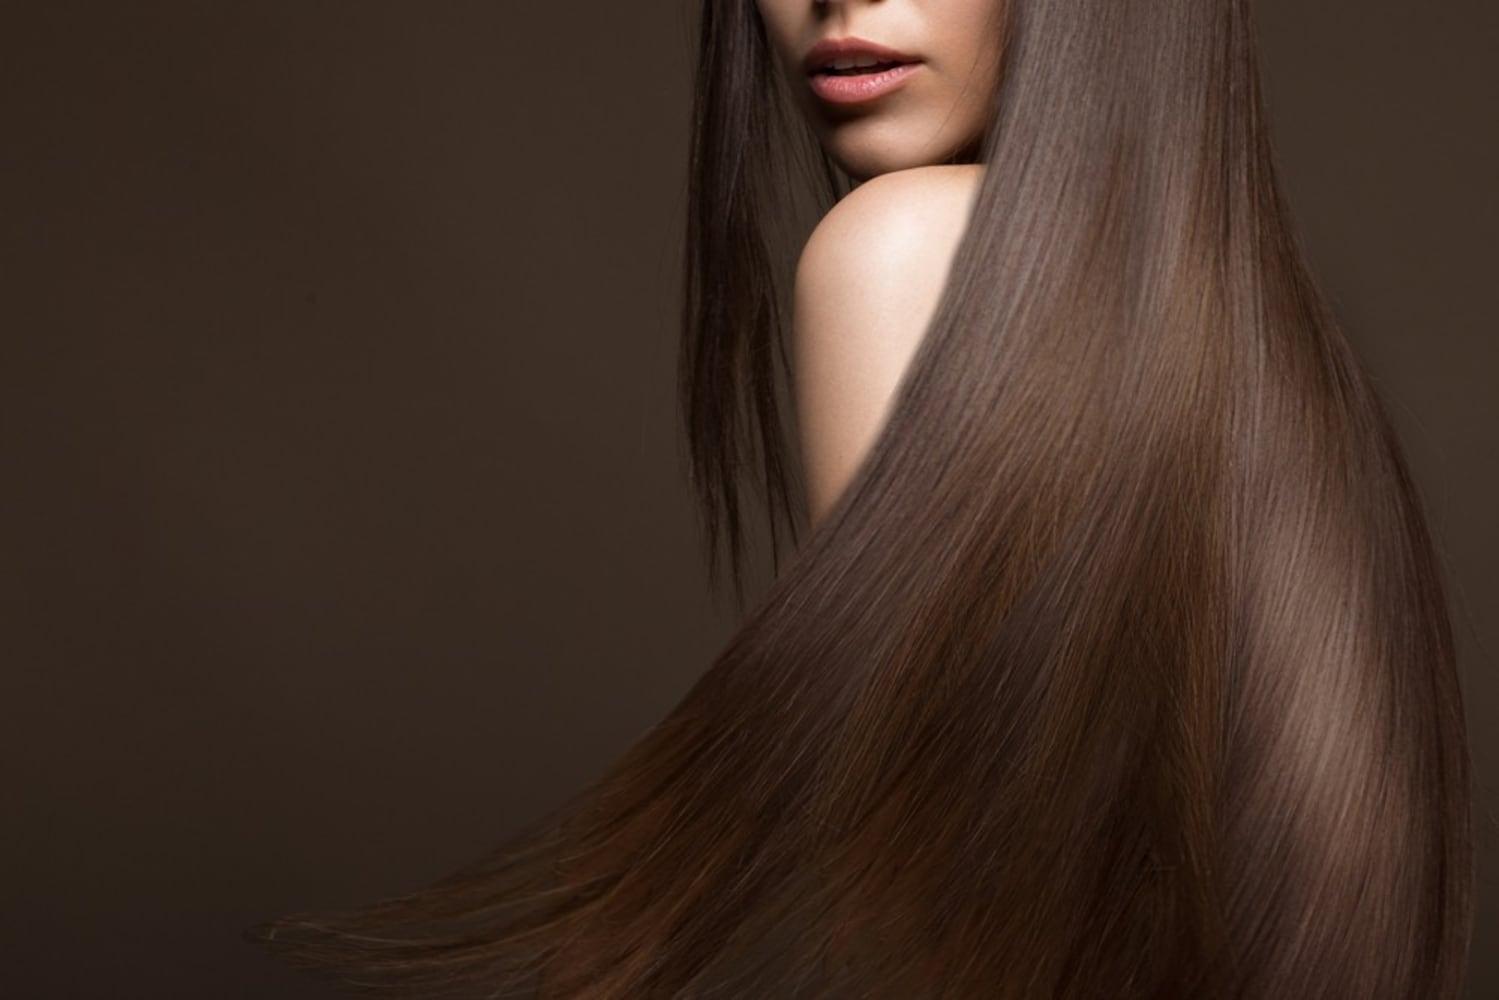 コラーゲンイオン|もっとうるおいがほしい髪に